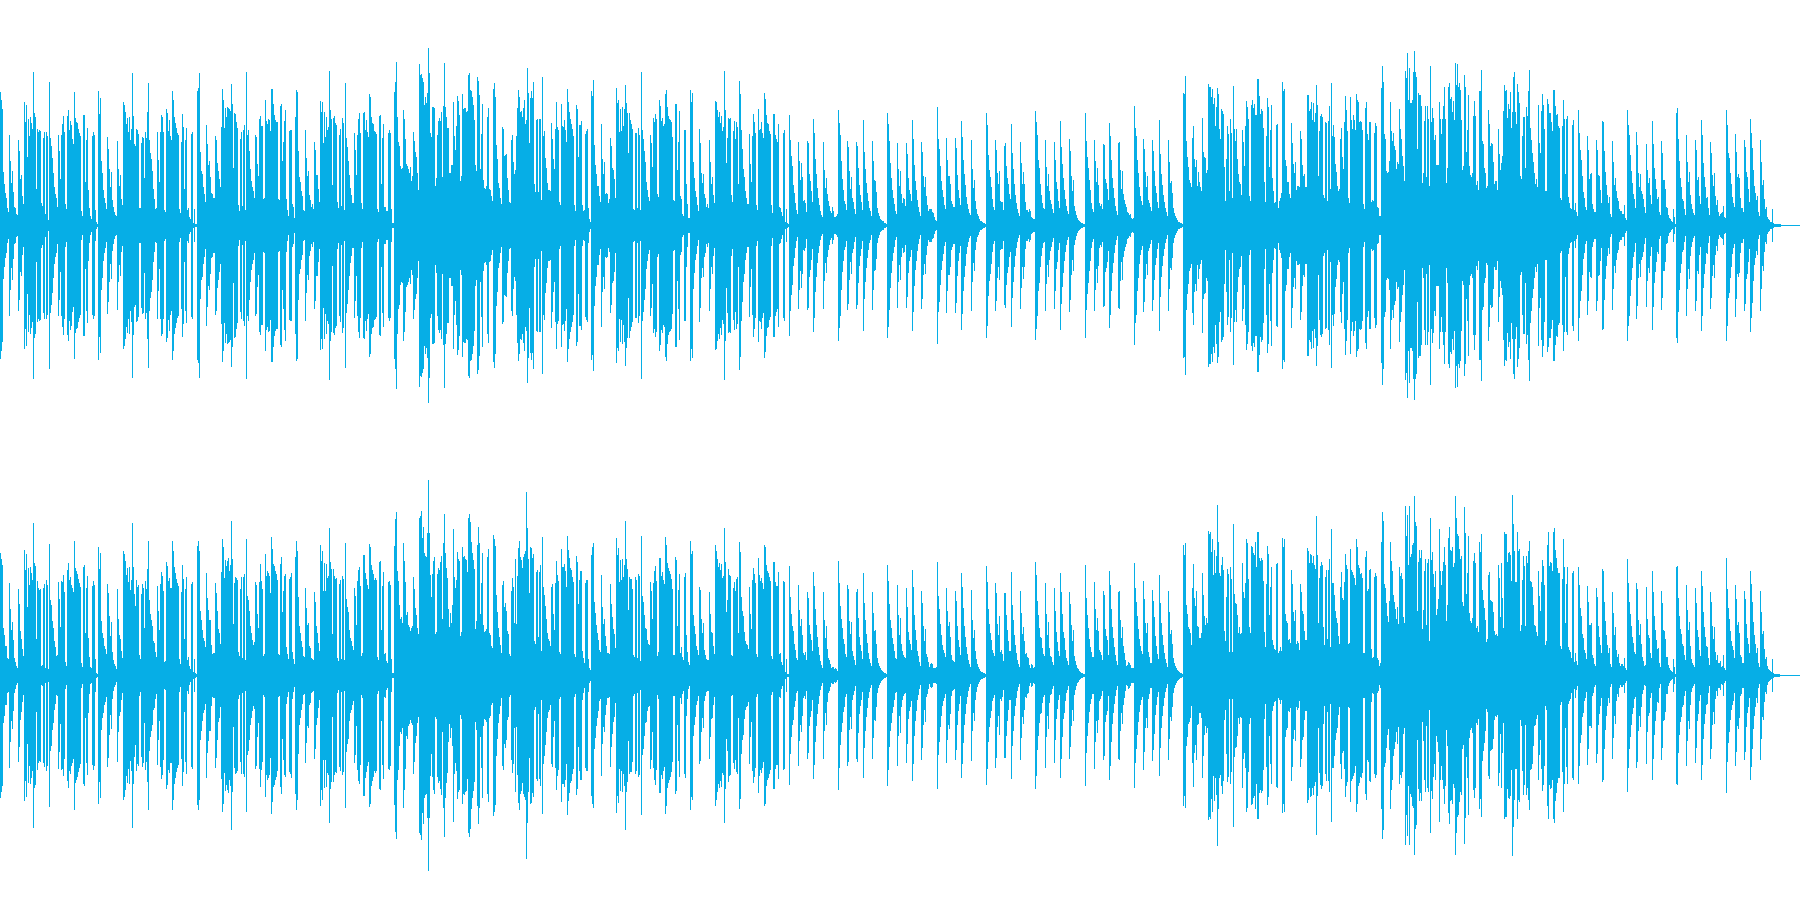 哀愁漂うHIPHOPの再生済みの波形